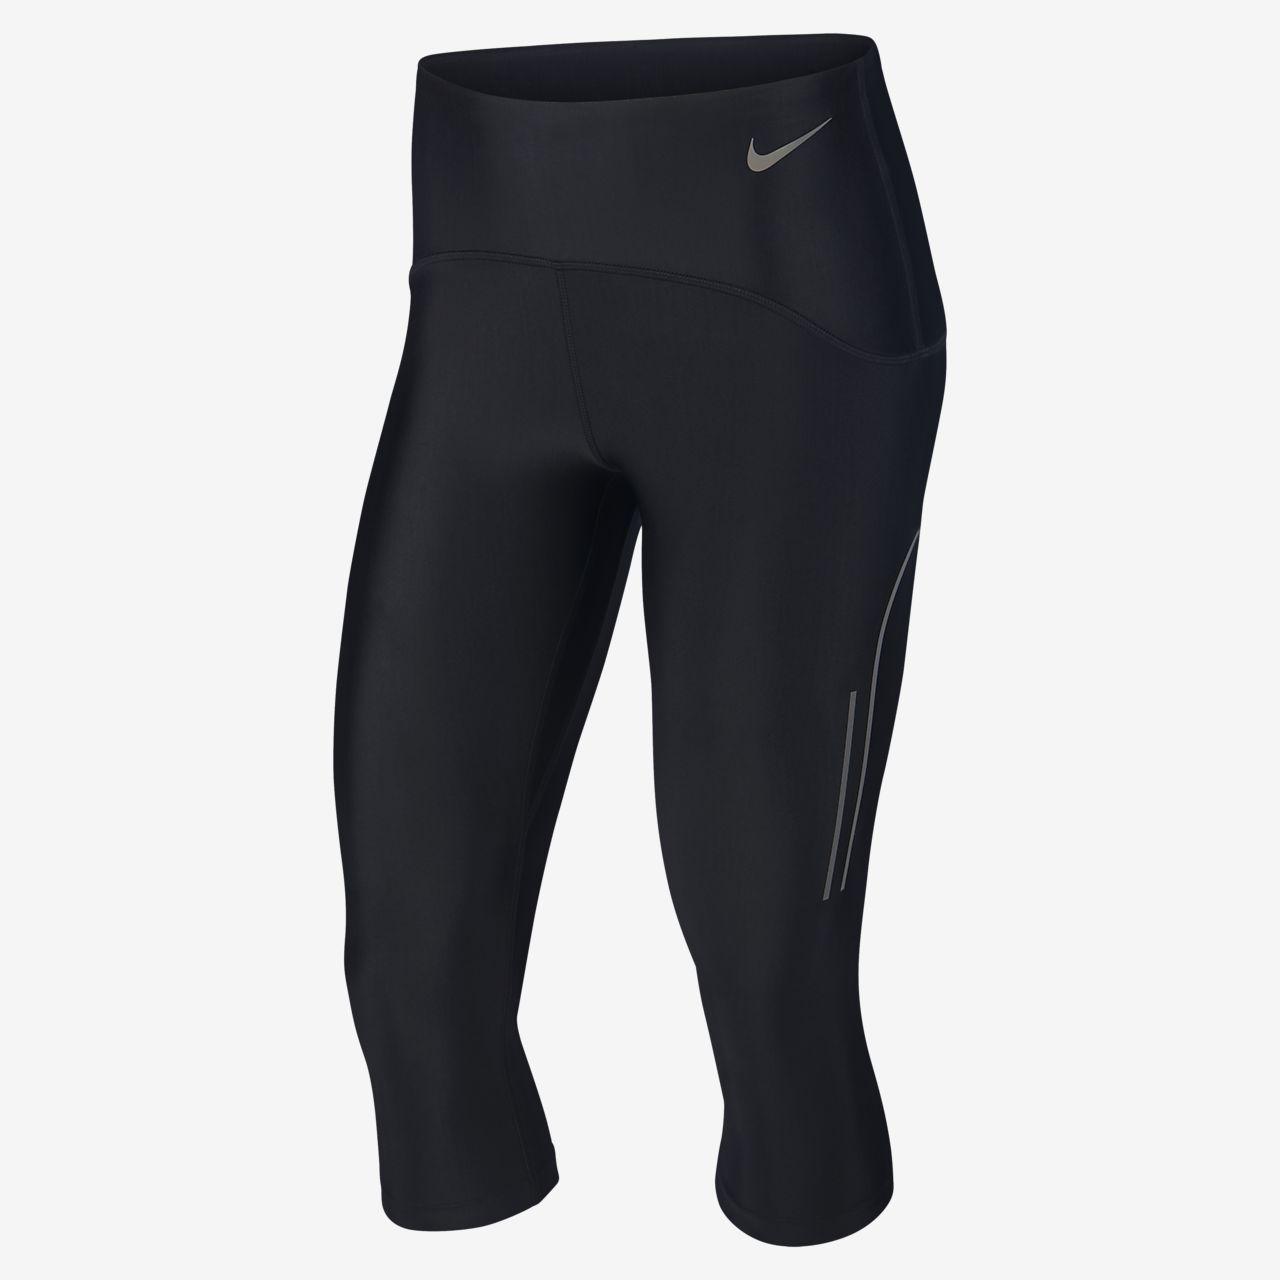 Nike Speed Women's Running Capris